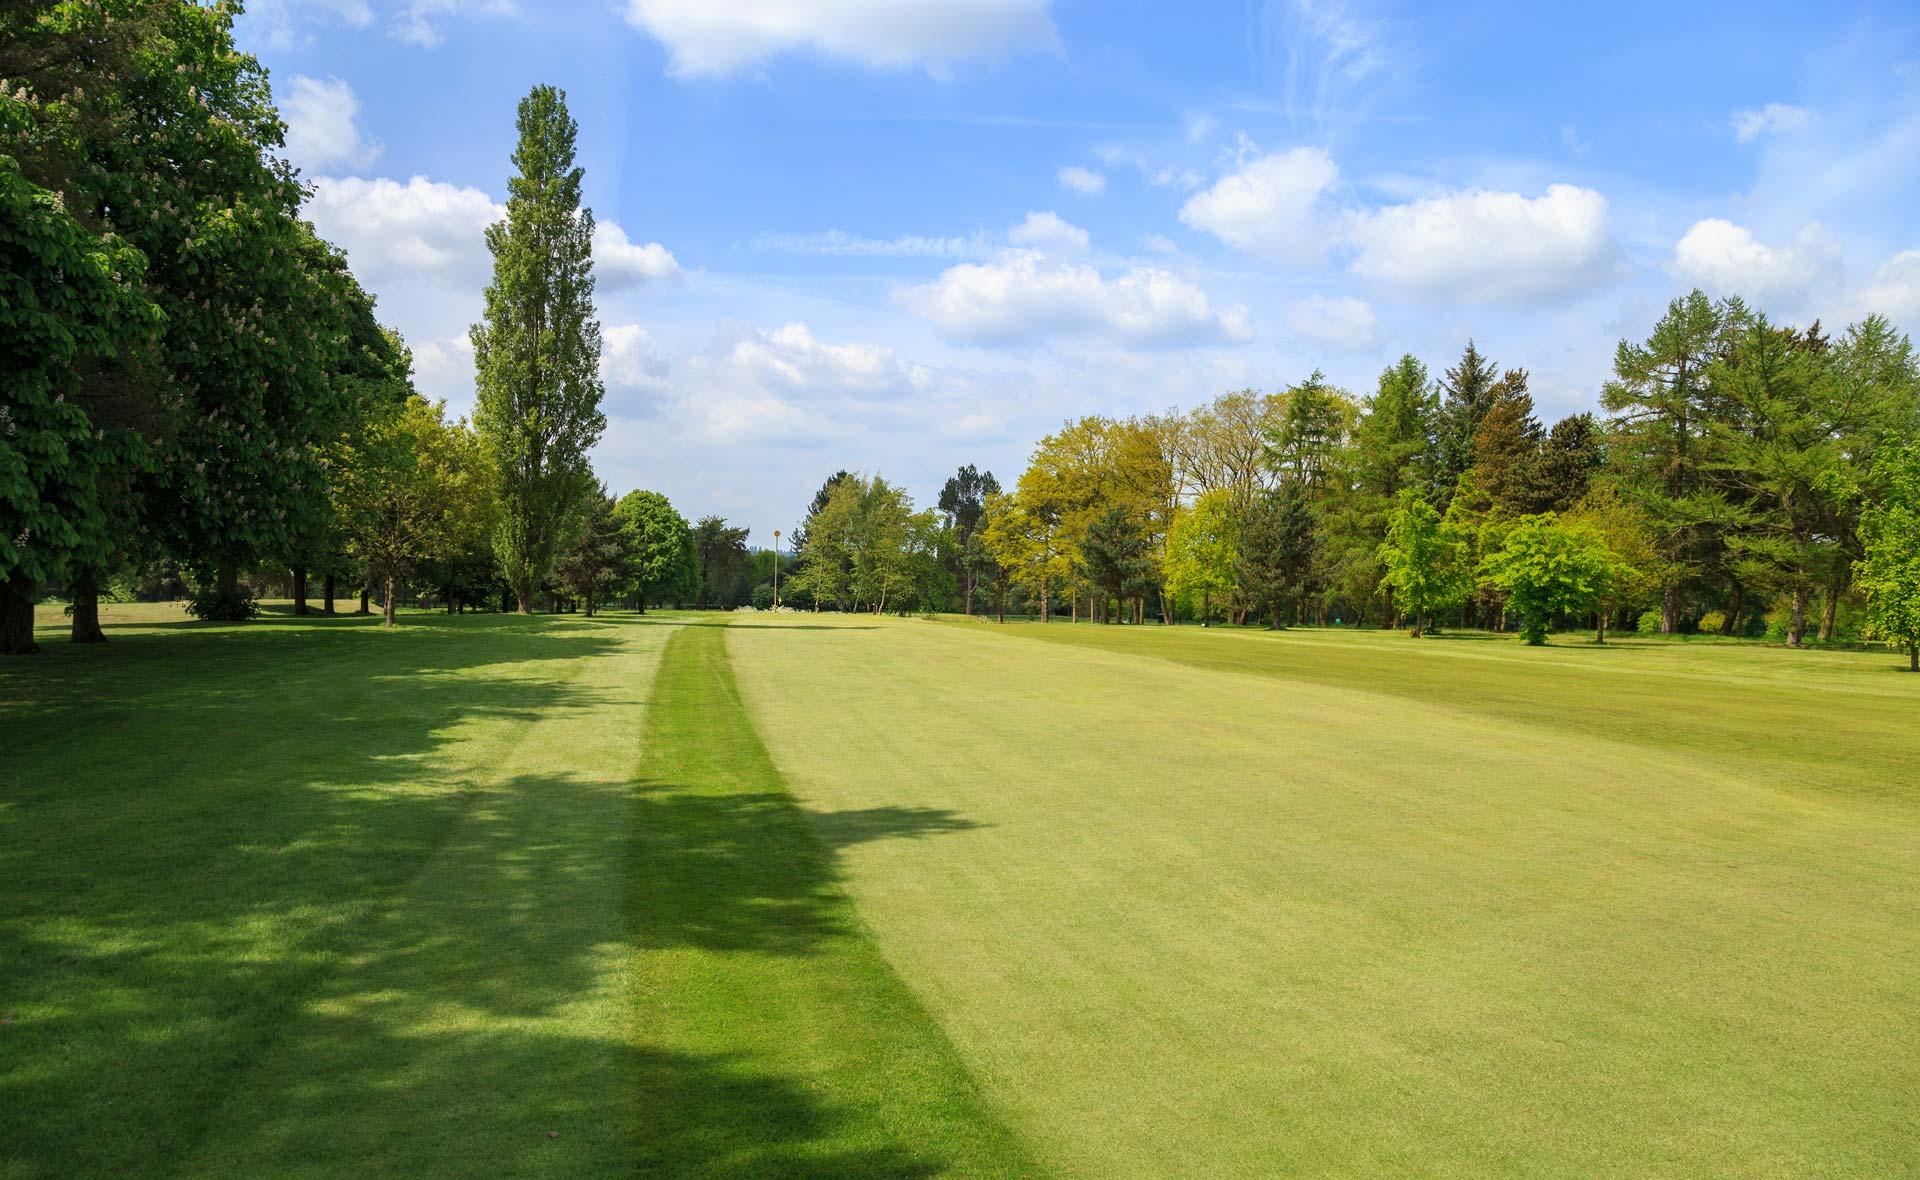 south staffordshire golf club hole 12